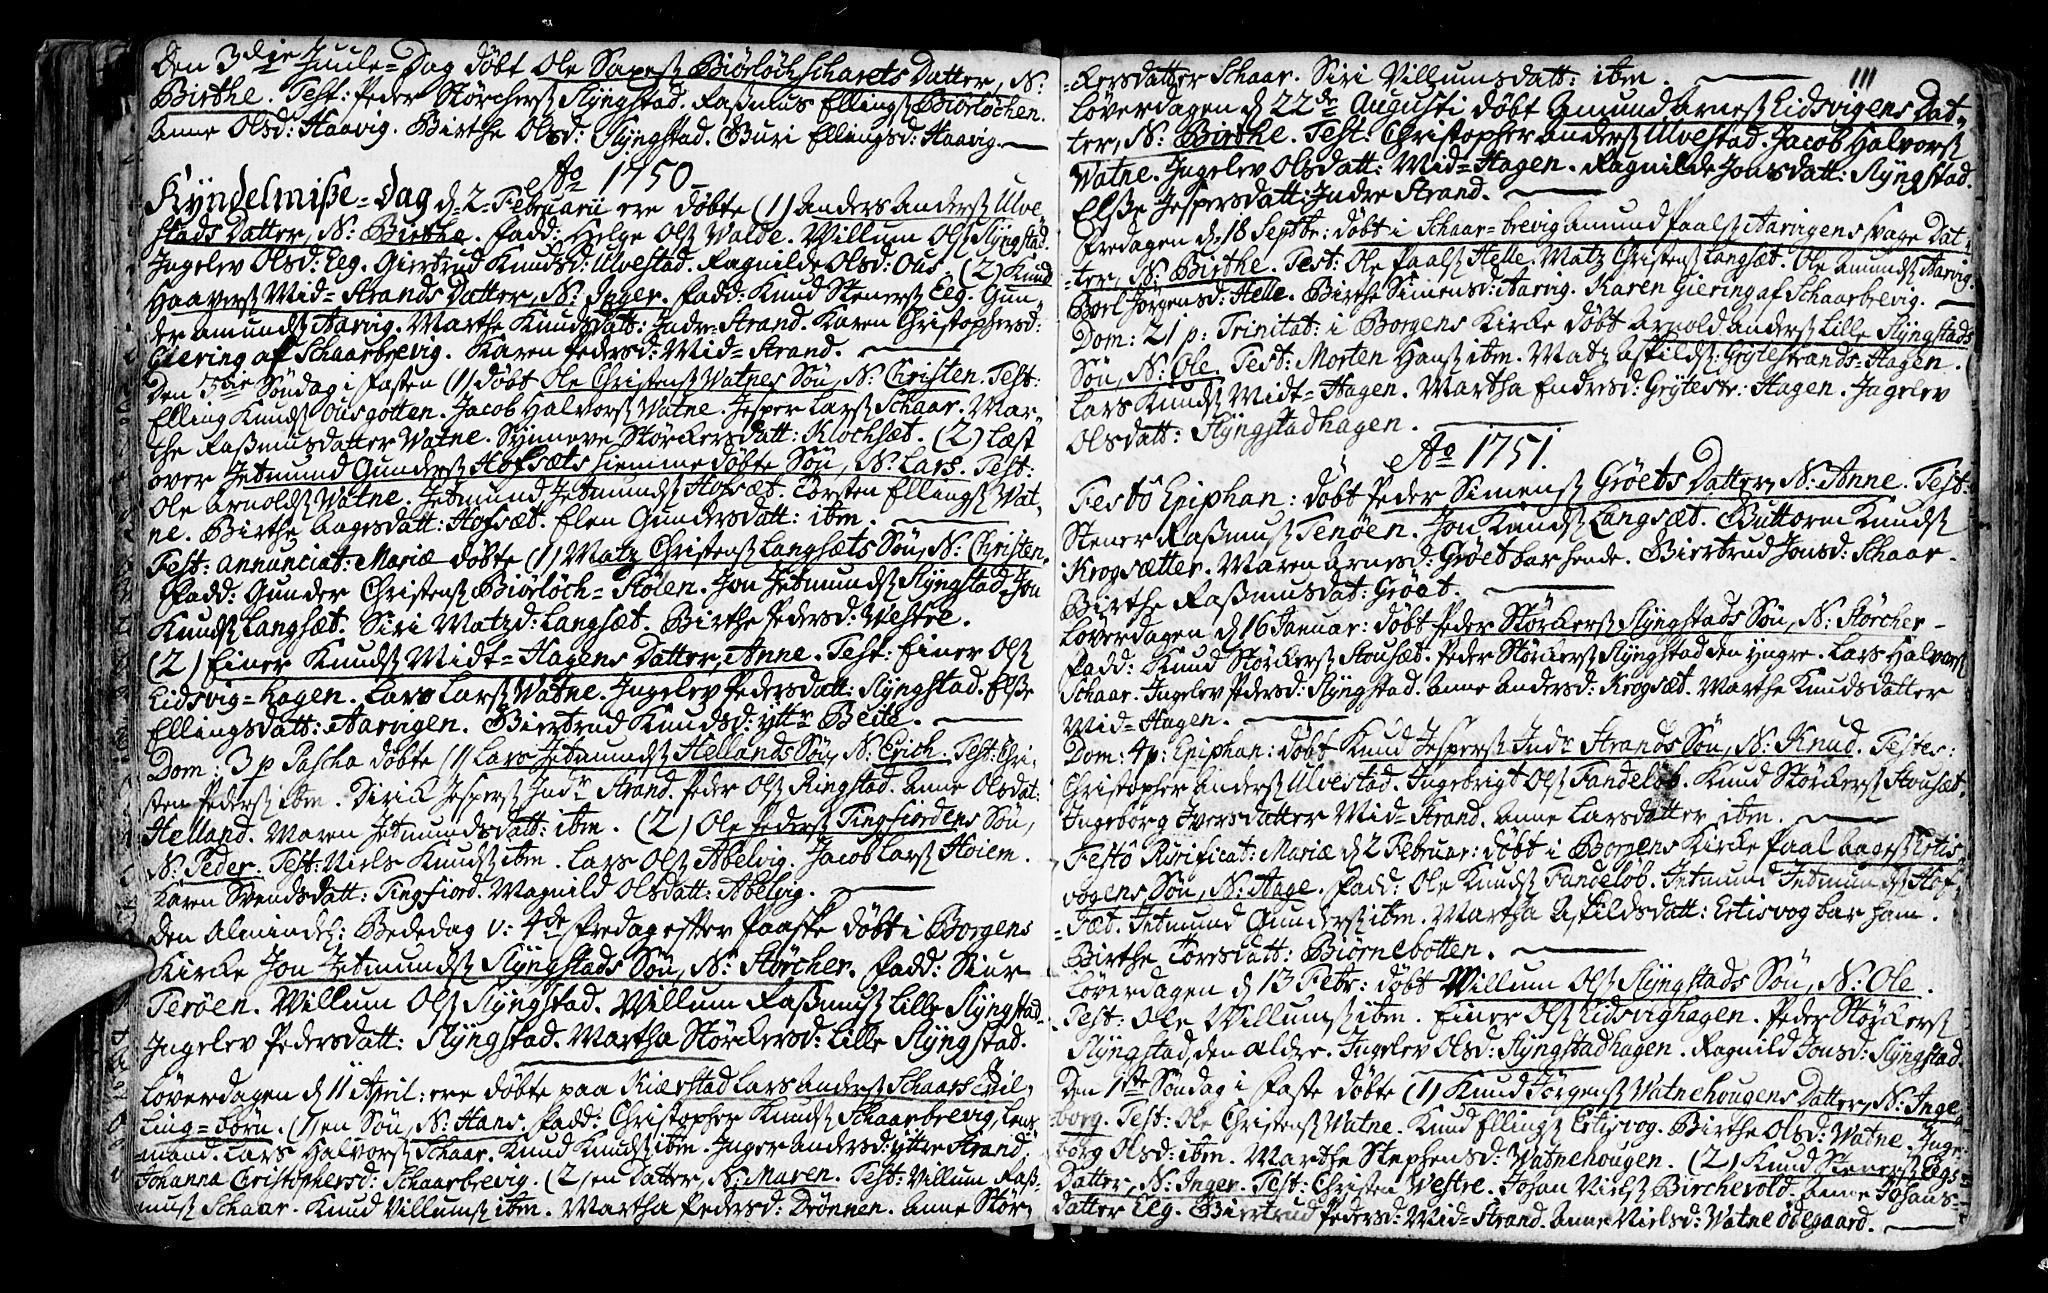 SAT, Ministerialprotokoller, klokkerbøker og fødselsregistre - Møre og Romsdal, 525/L0371: Ministerialbok nr. 525A01, 1699-1777, s. 111